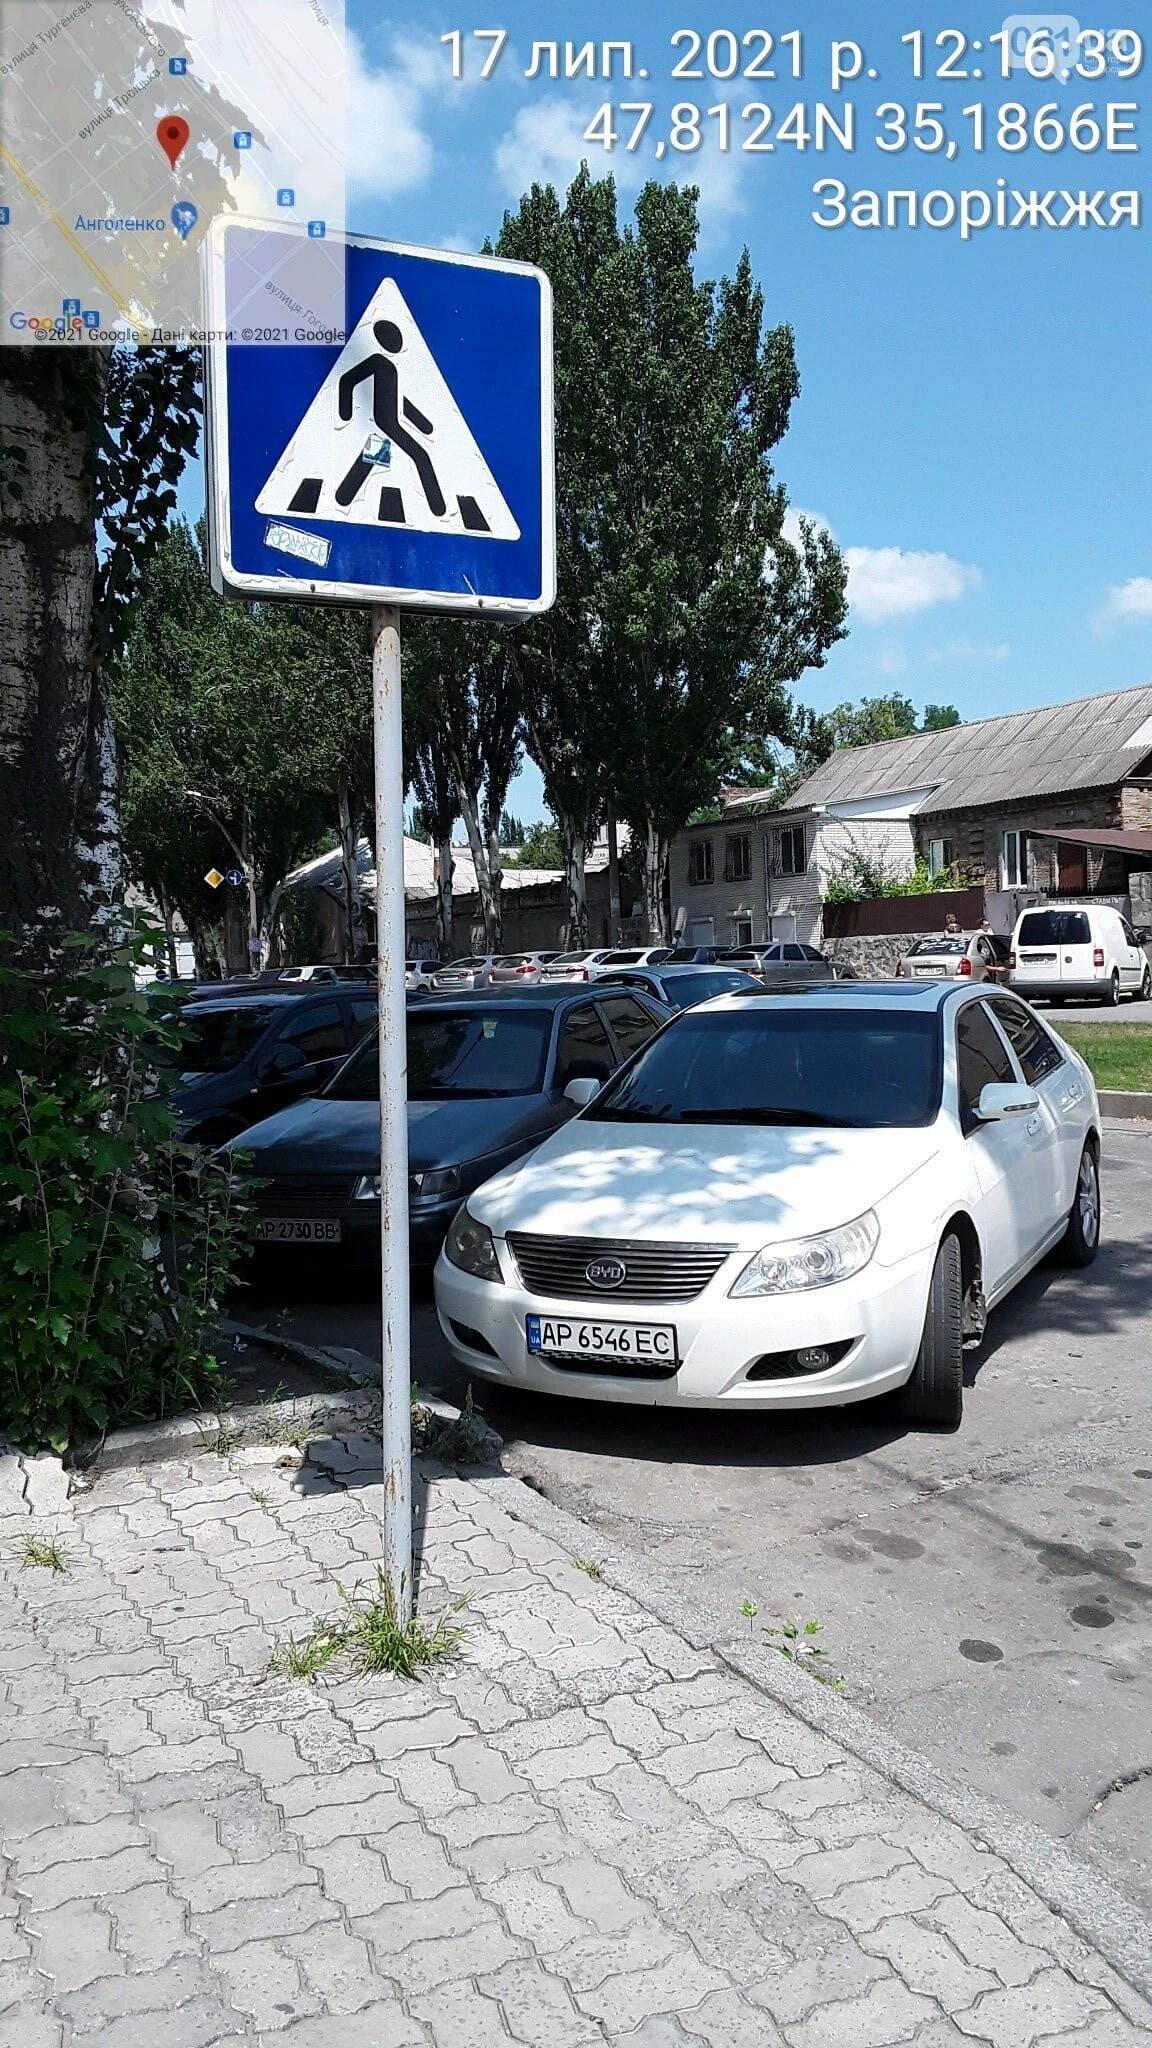 В Запорожье инспекторы по парковке на выходных вынесли 80 штрафов водителям , фото-3